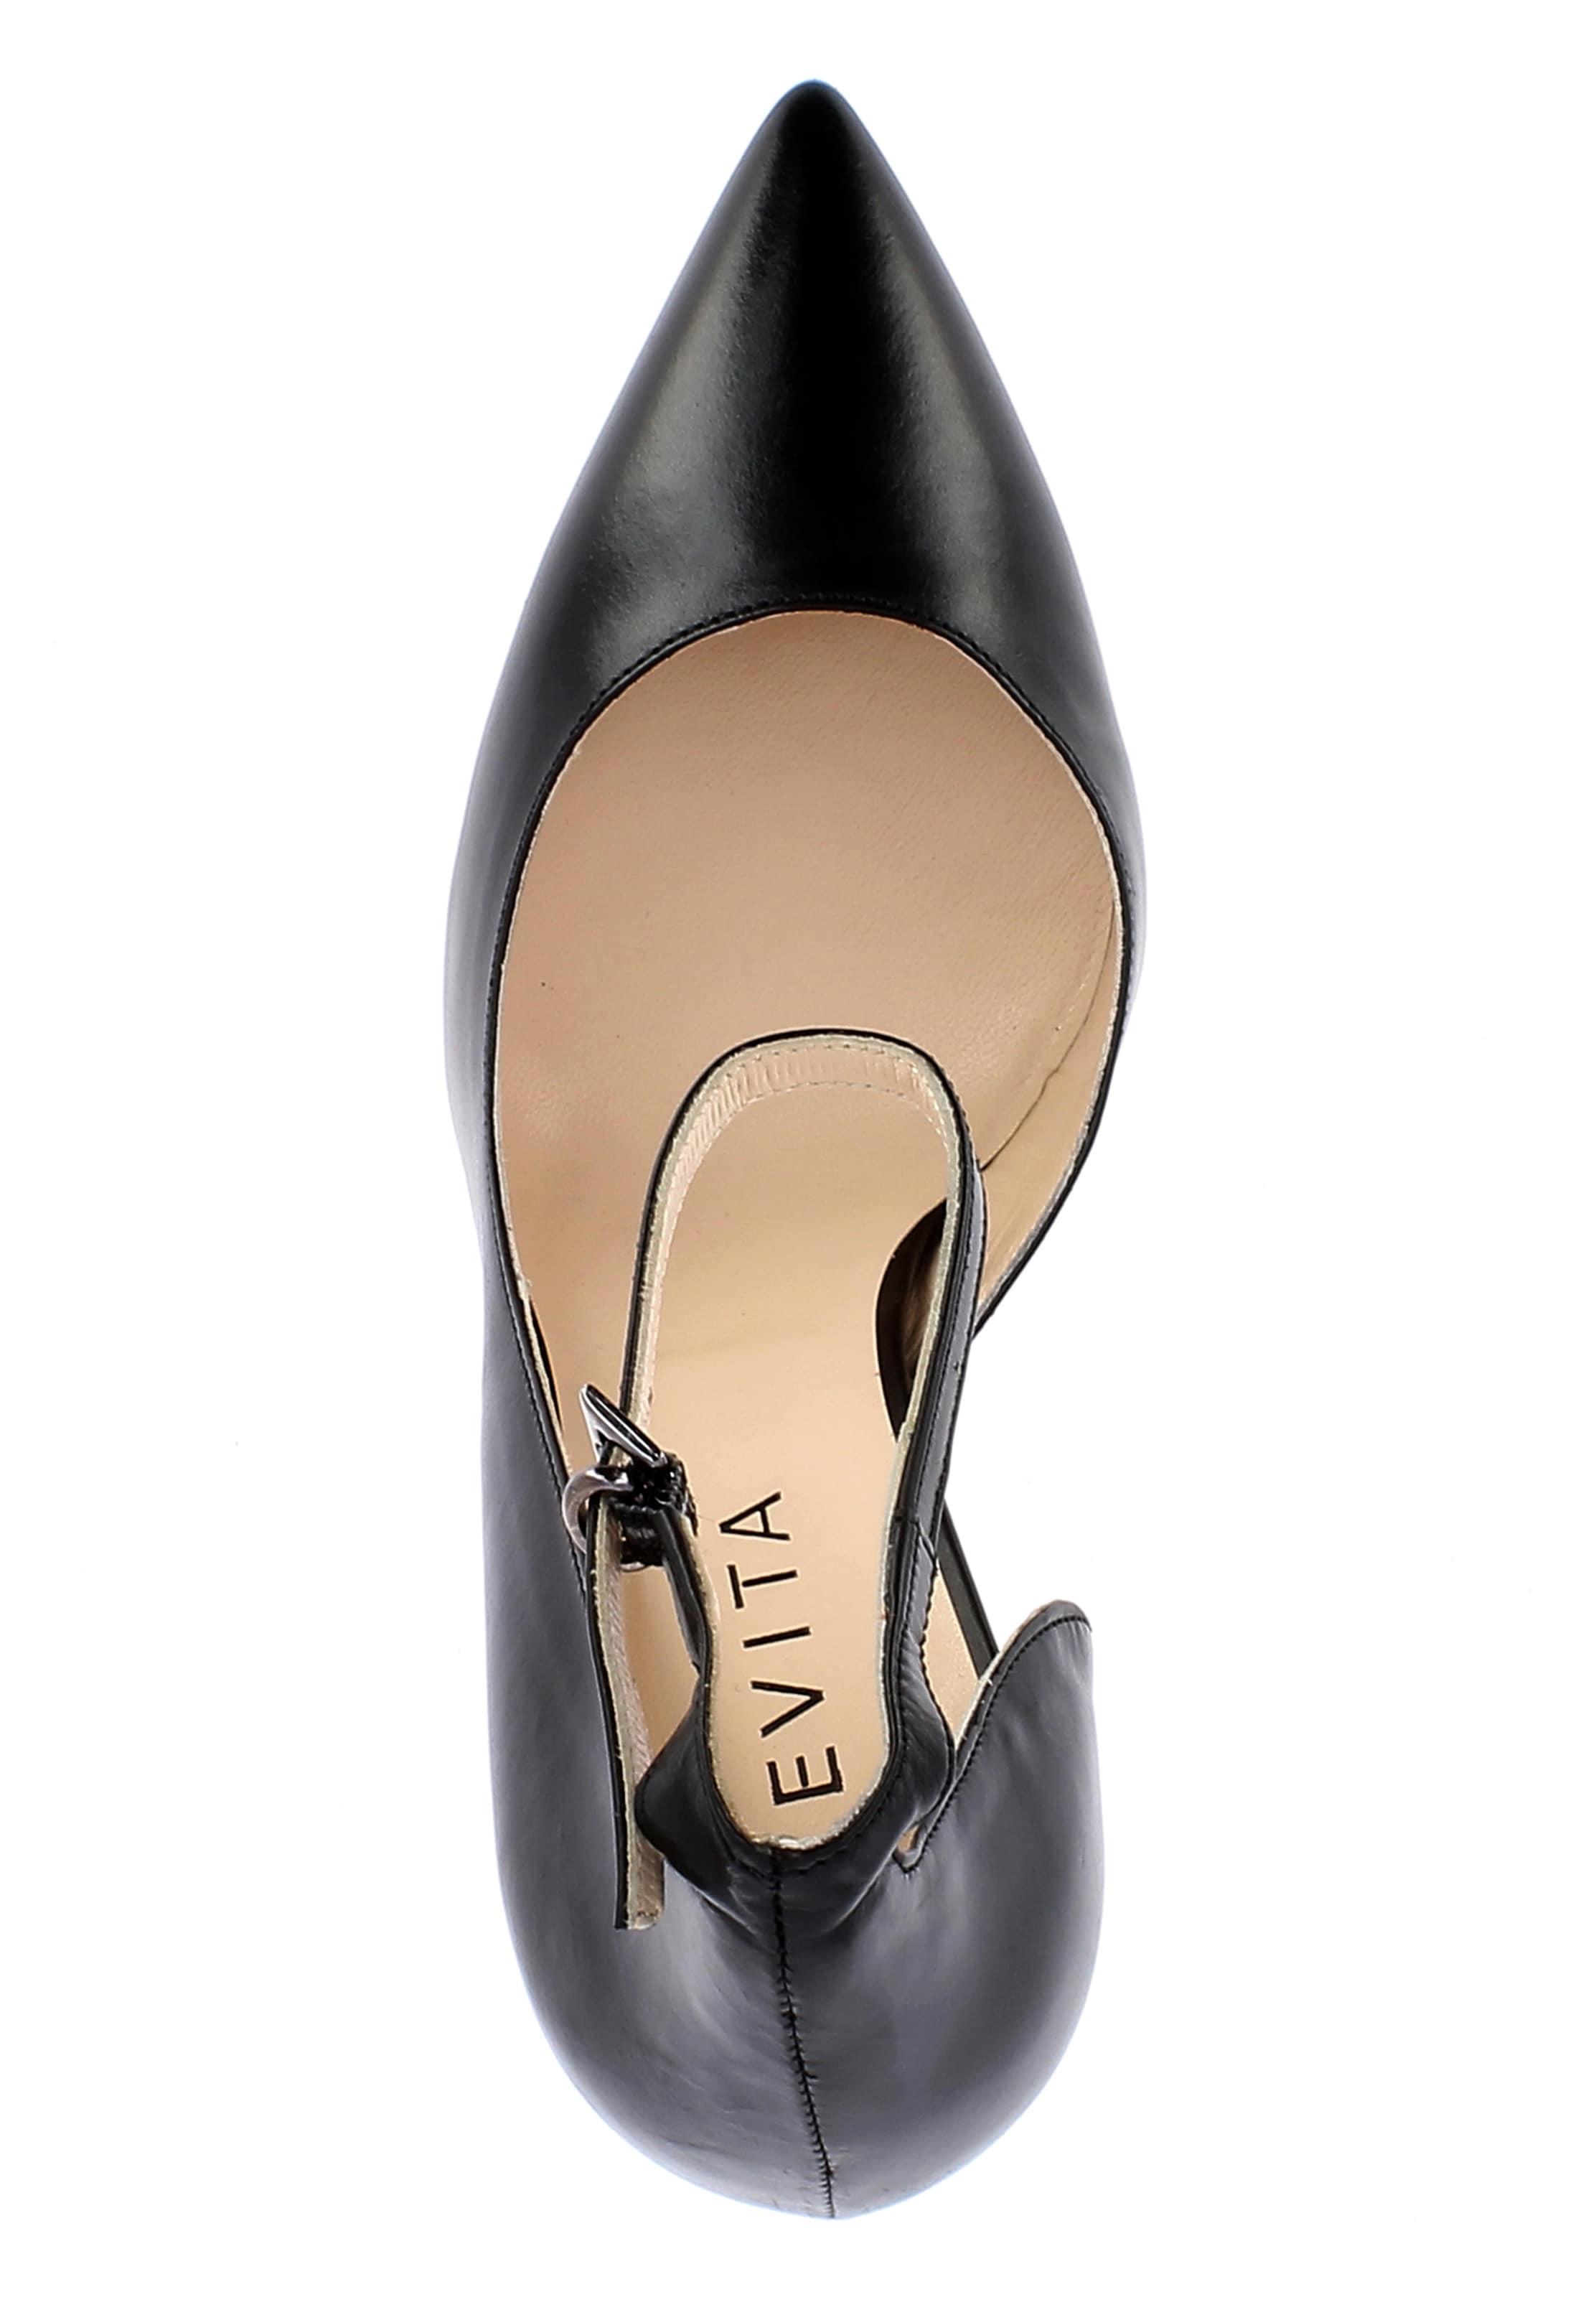 Evita En Escarpins En Evita Noir Escarpins 54RAjL